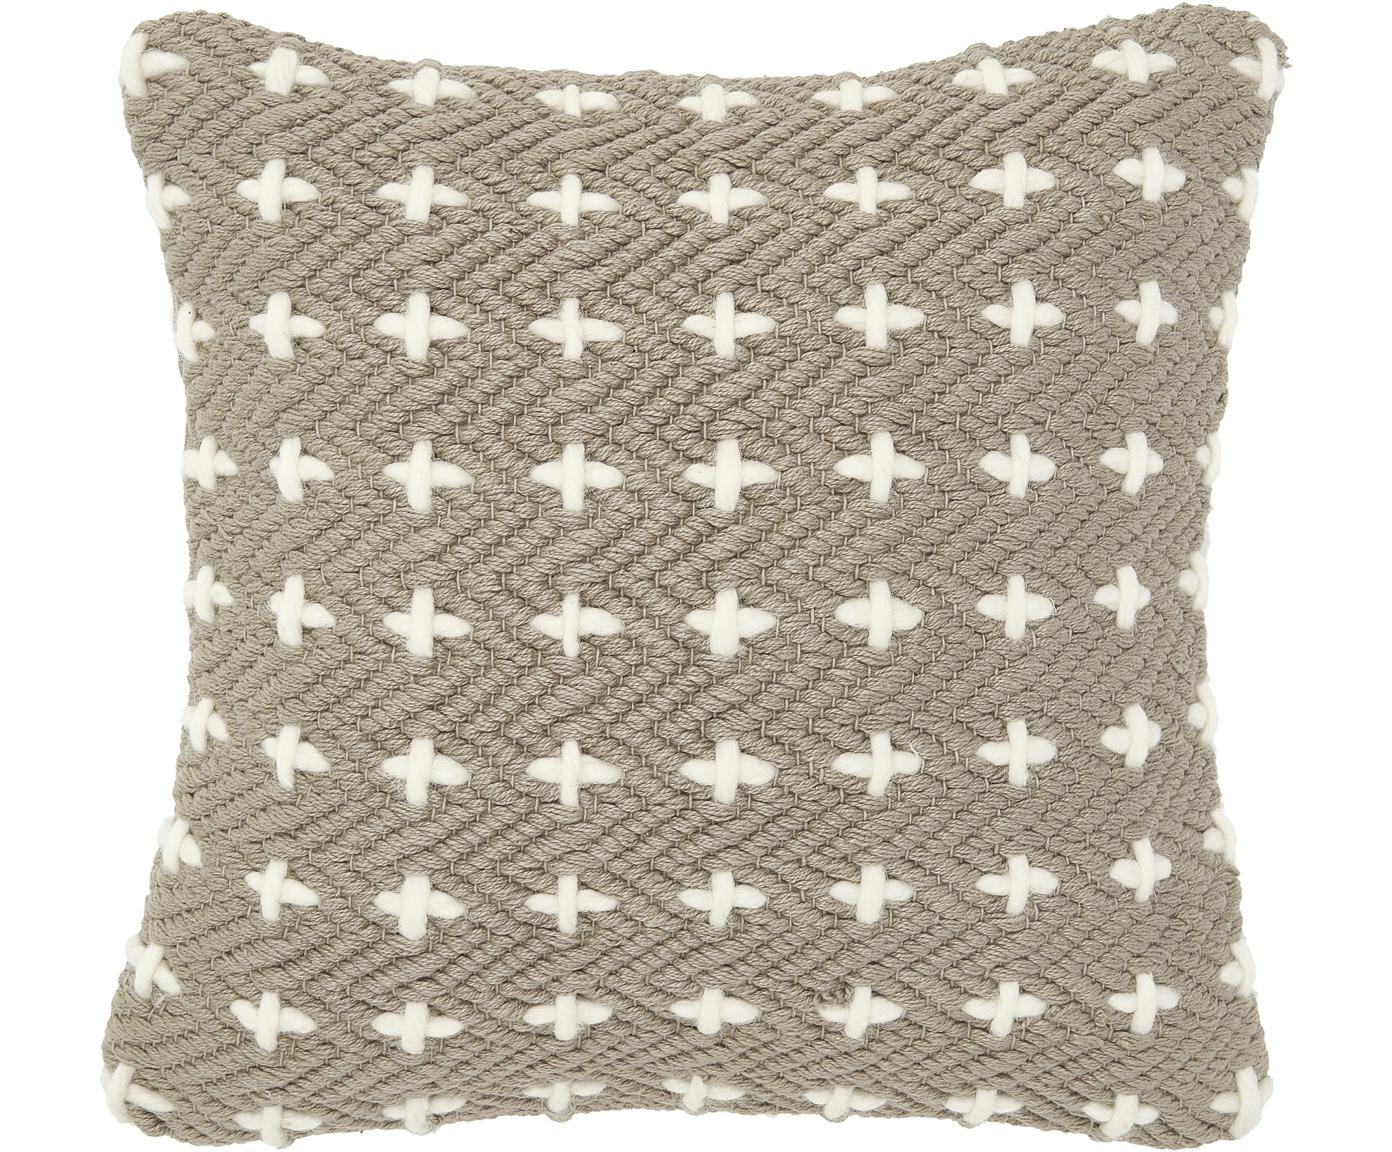 Kissenhülle Lina mit Verzierungen, 75% Baumwolle, 25% Wolle, Taupe, 40 x 40 cm